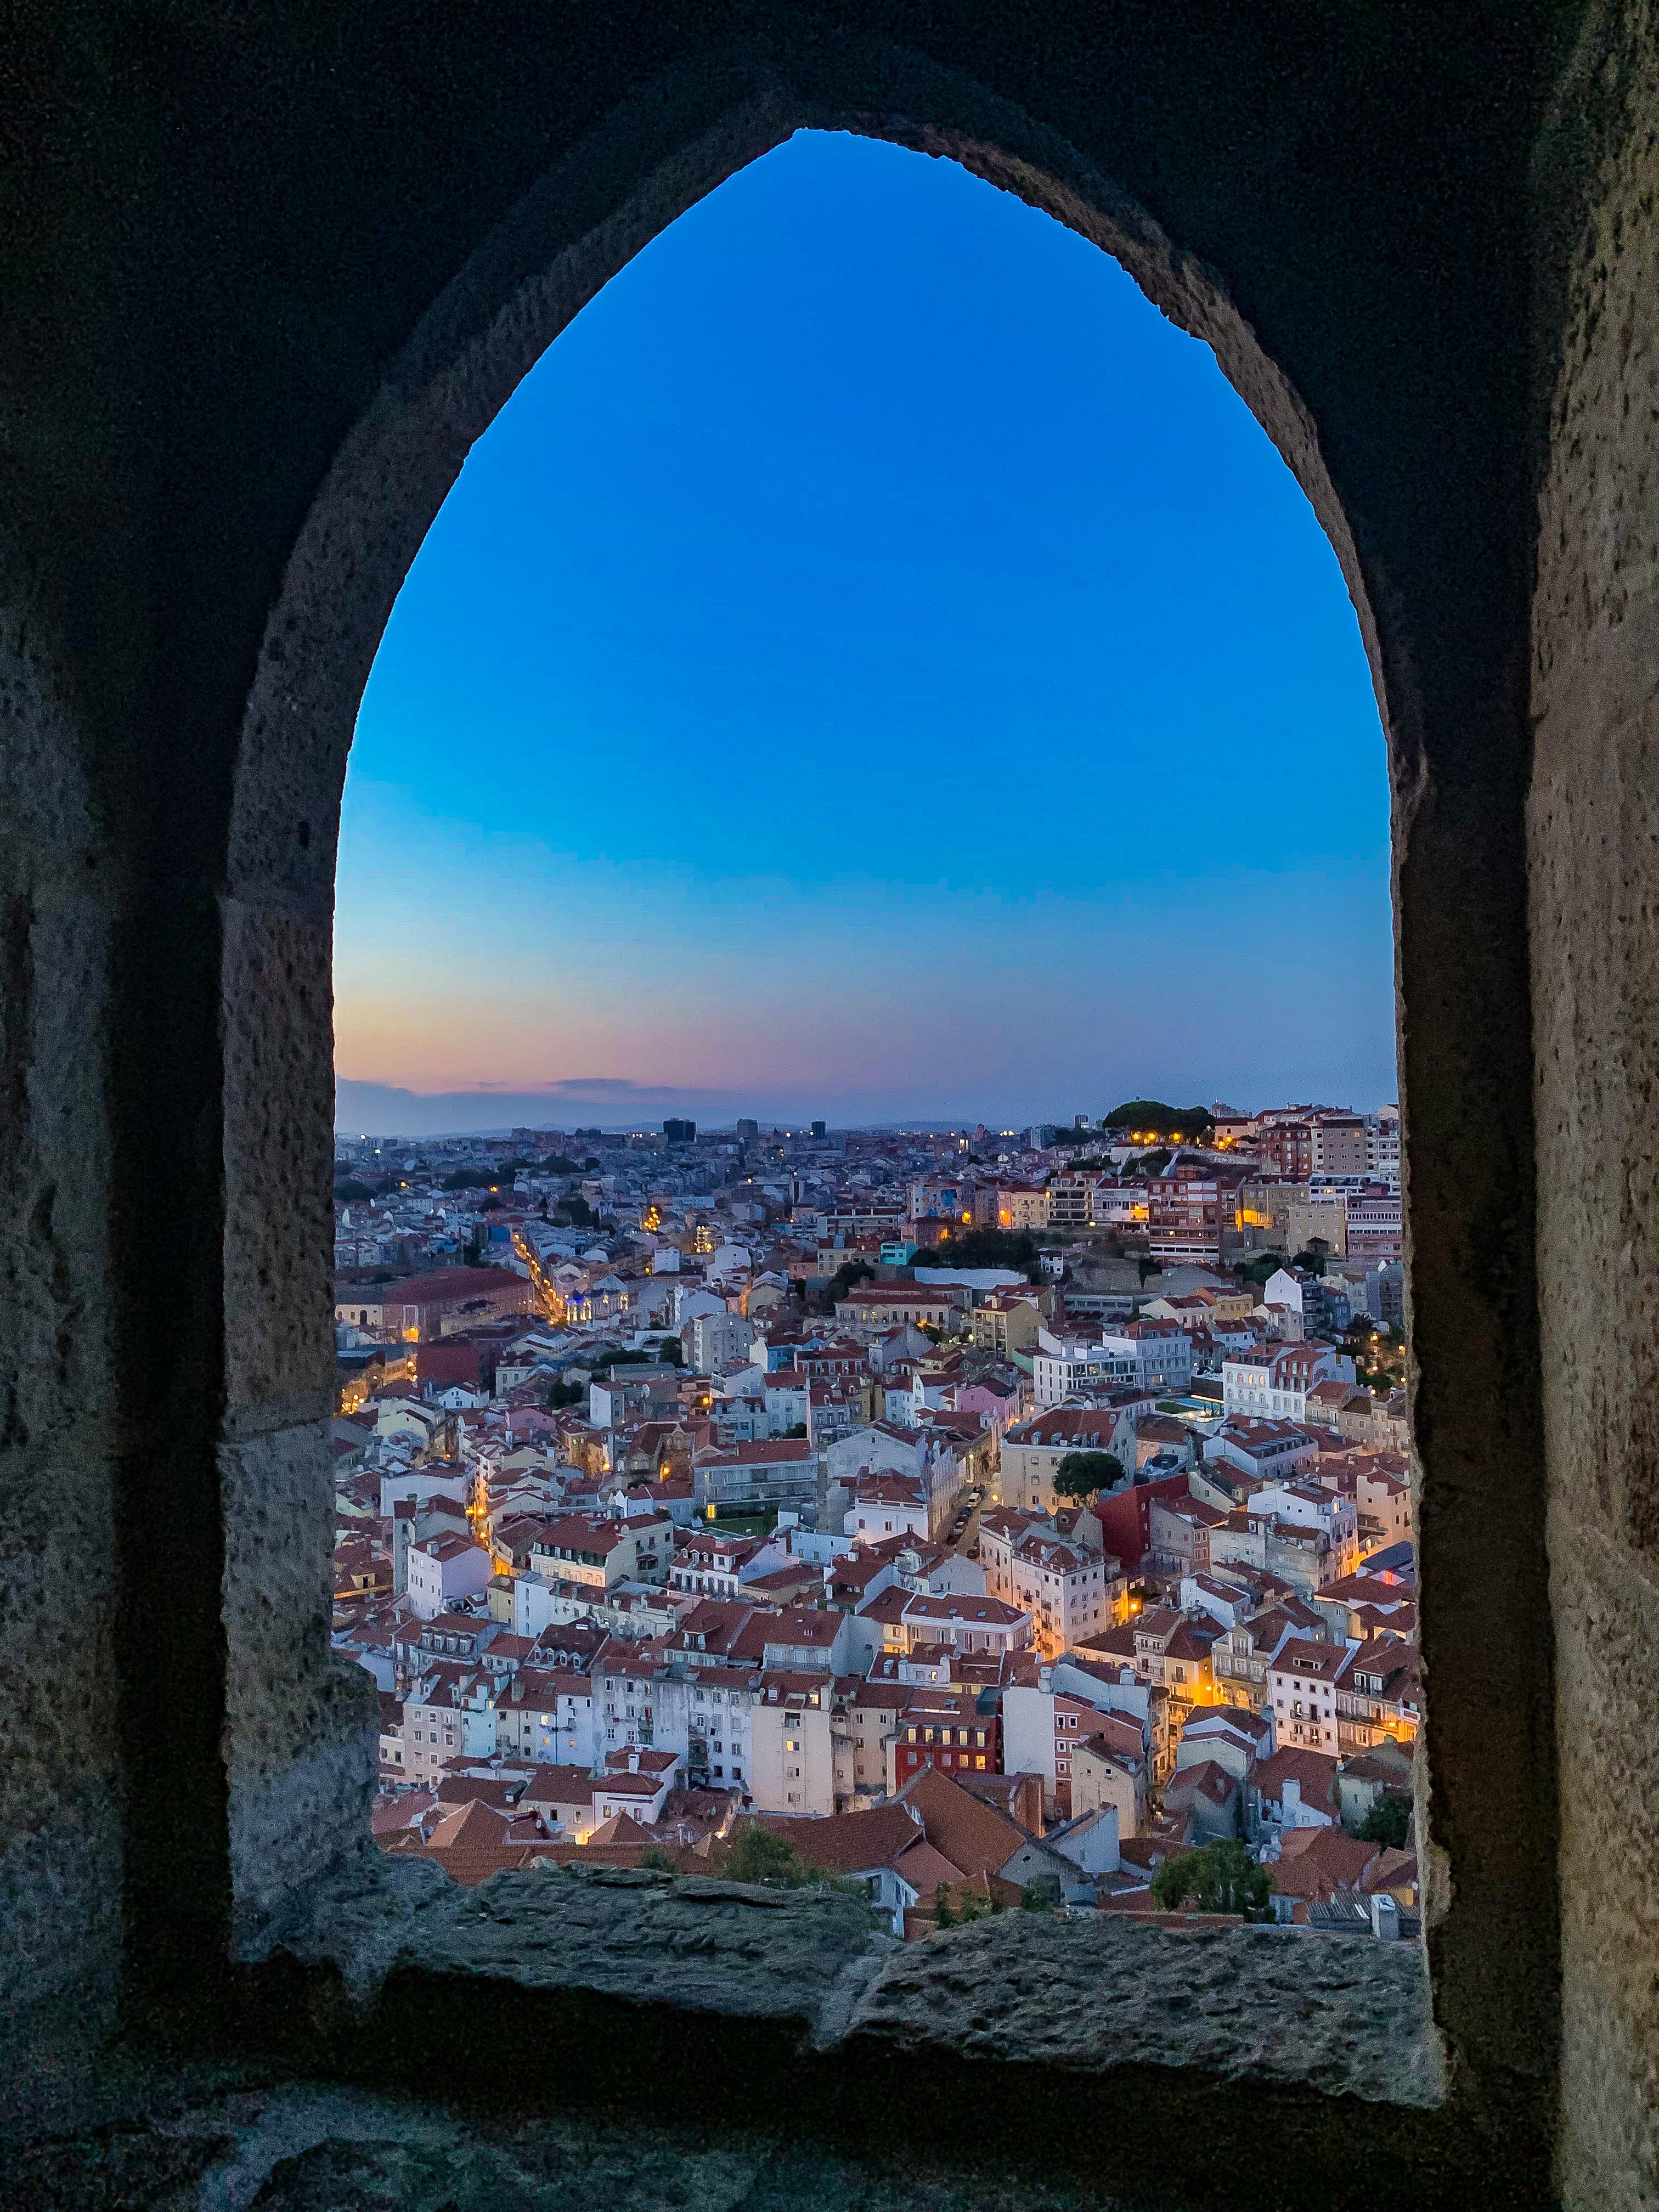 Kilátás a Szent György várból naplementekor